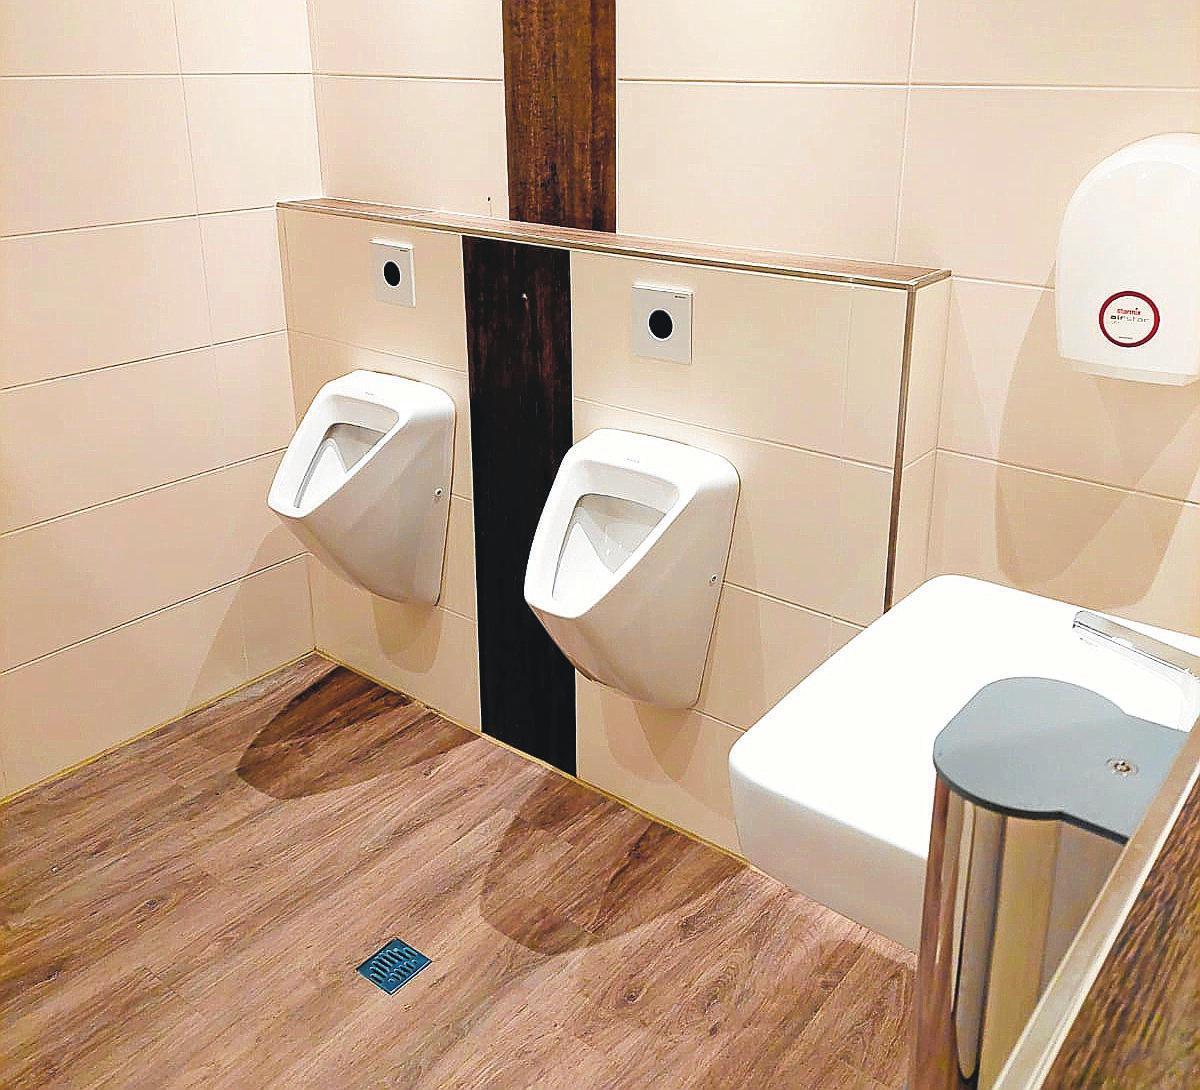 Alles neu: Die sanitären Anlagen wurden komplett modernisiert.